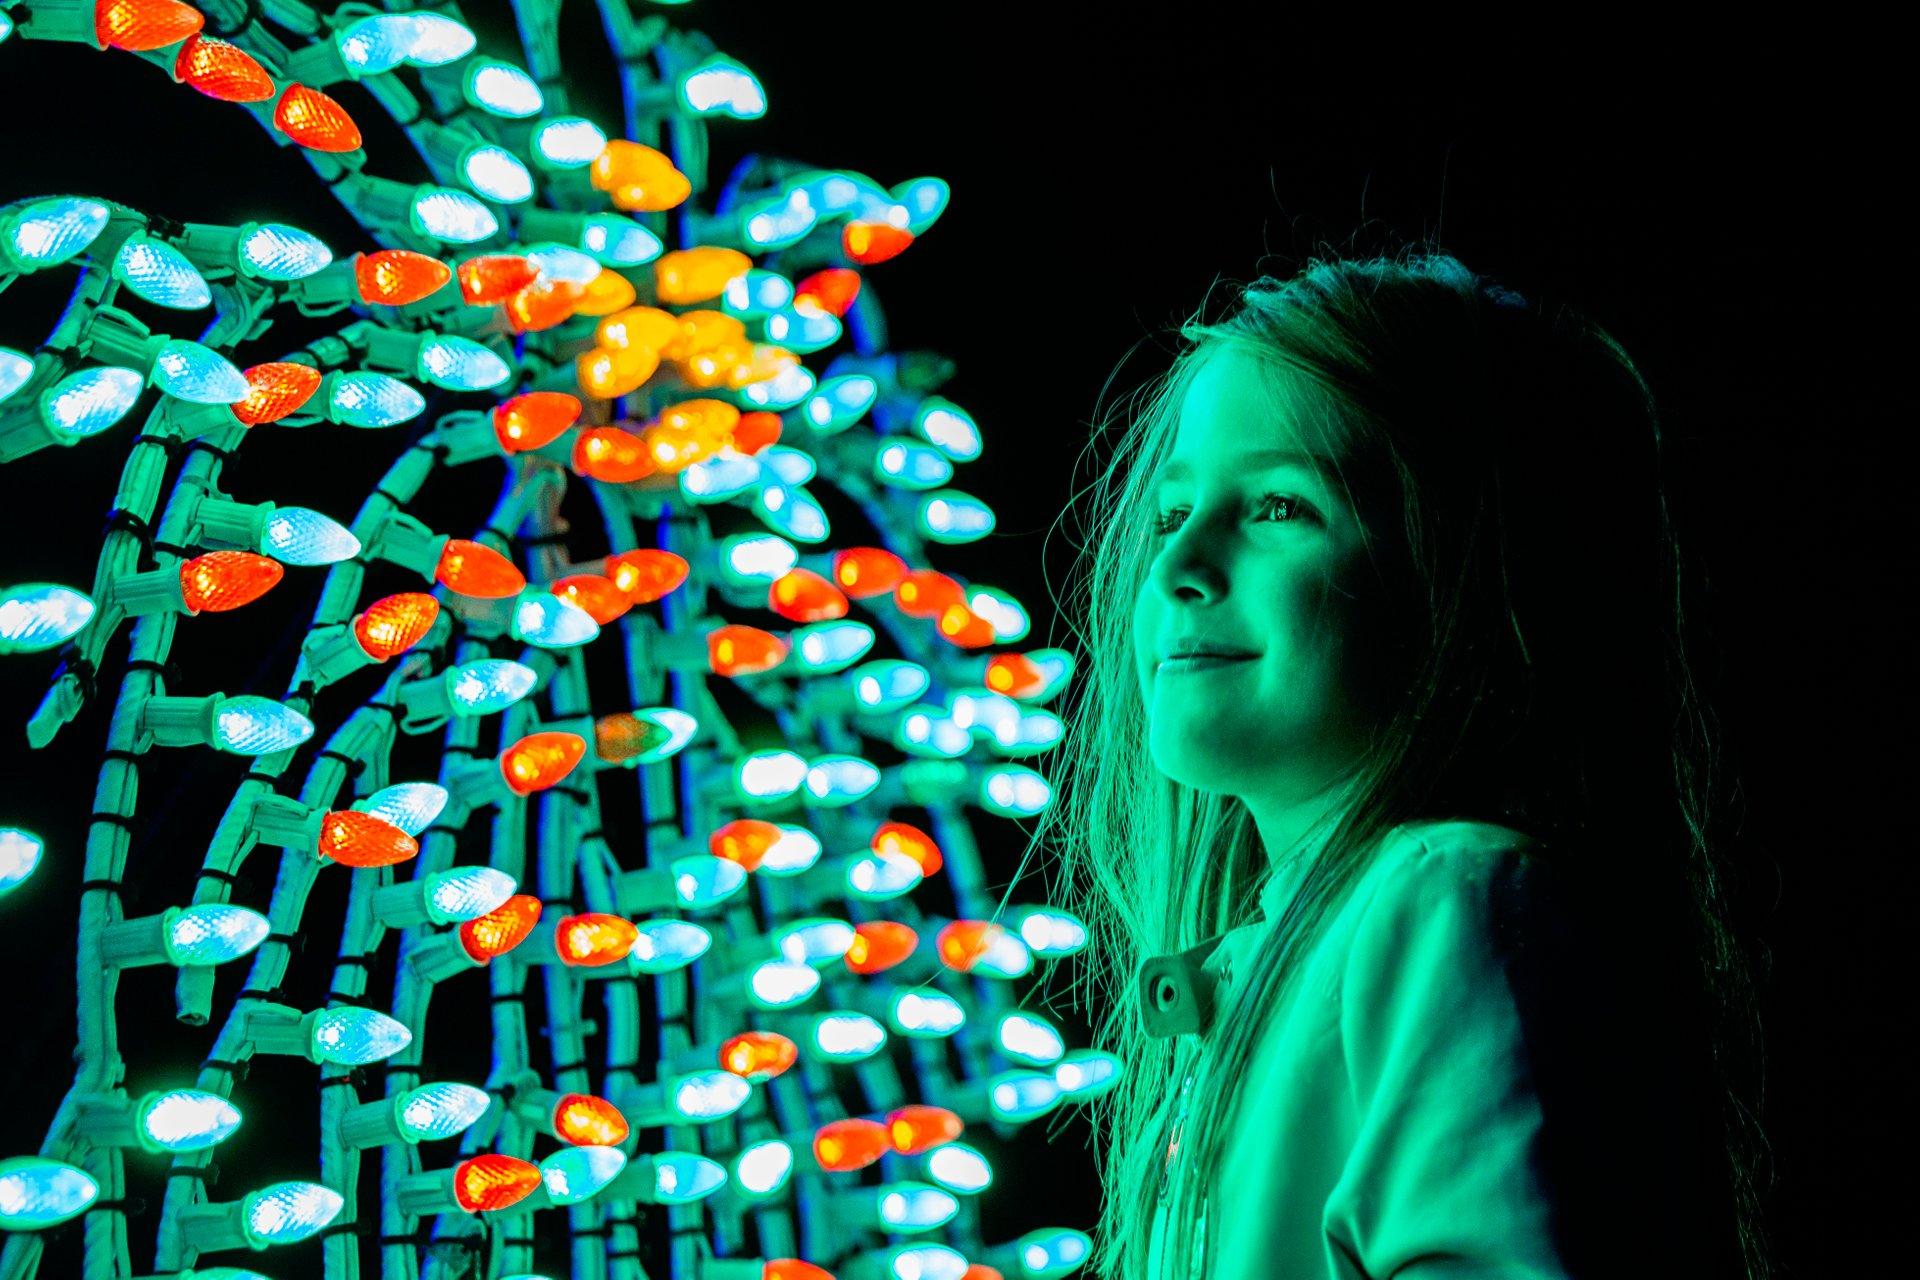 Oglebay Winter Festival of Lights in West Virginia 2020 - Best Time